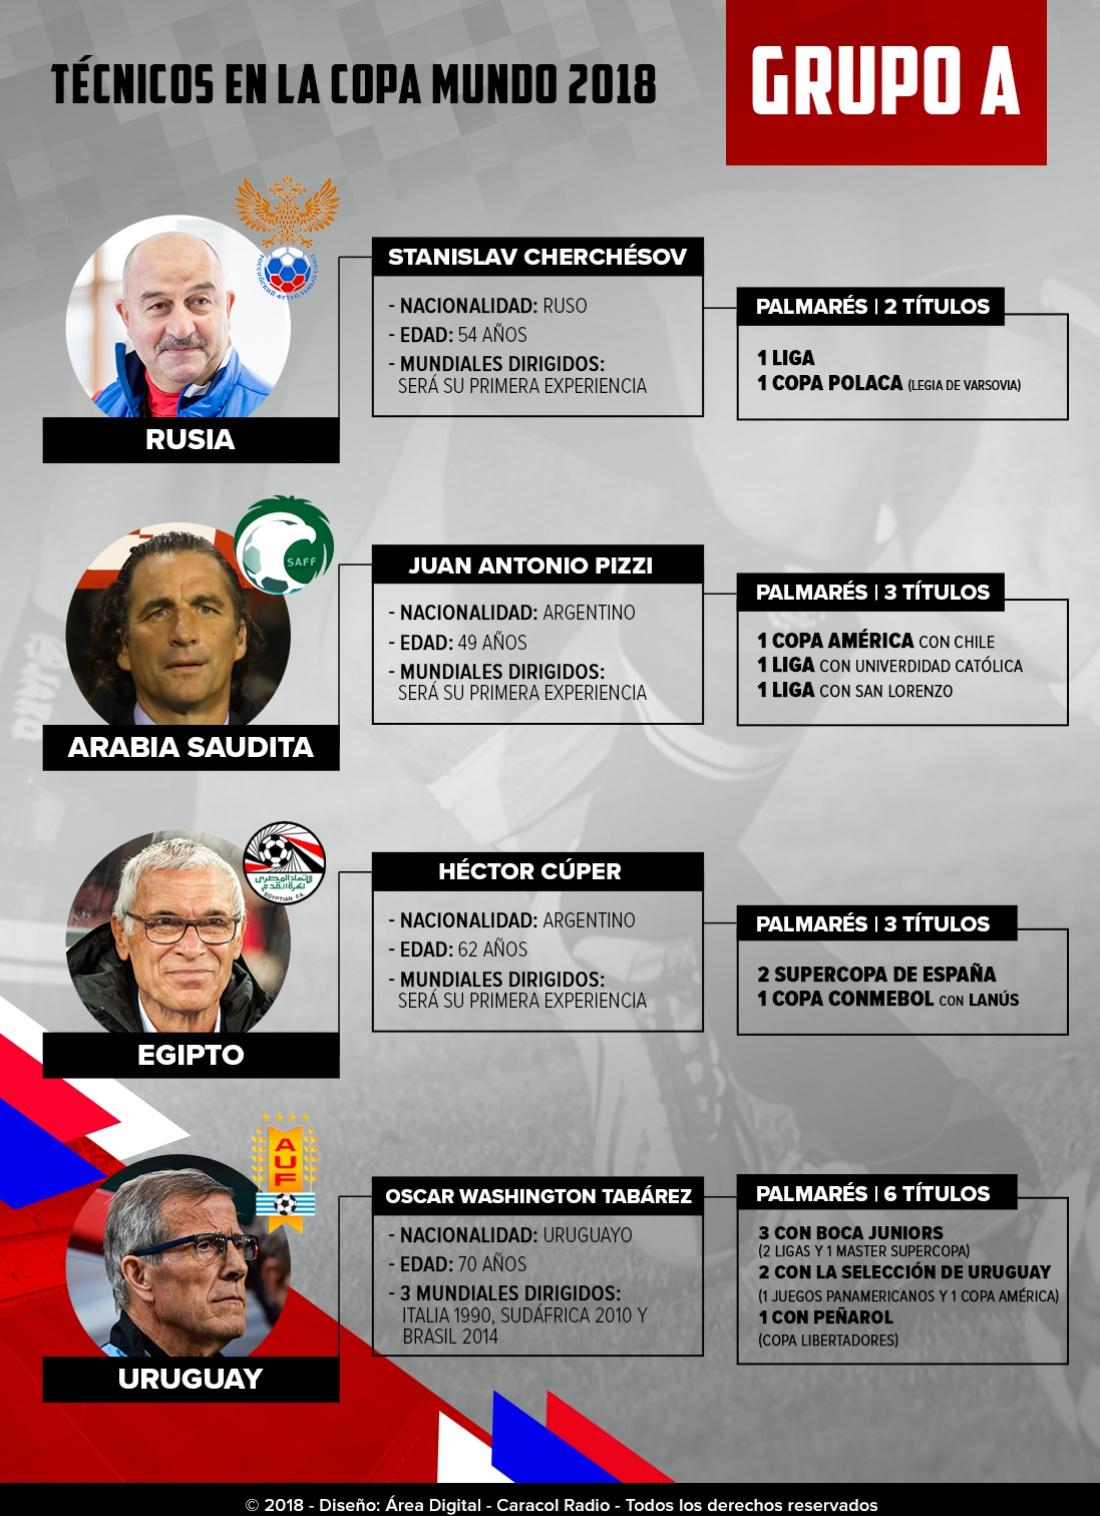 Mundial 2018: Los técnicos: La experiencia de Tabárez manda la parada en el Grupo A